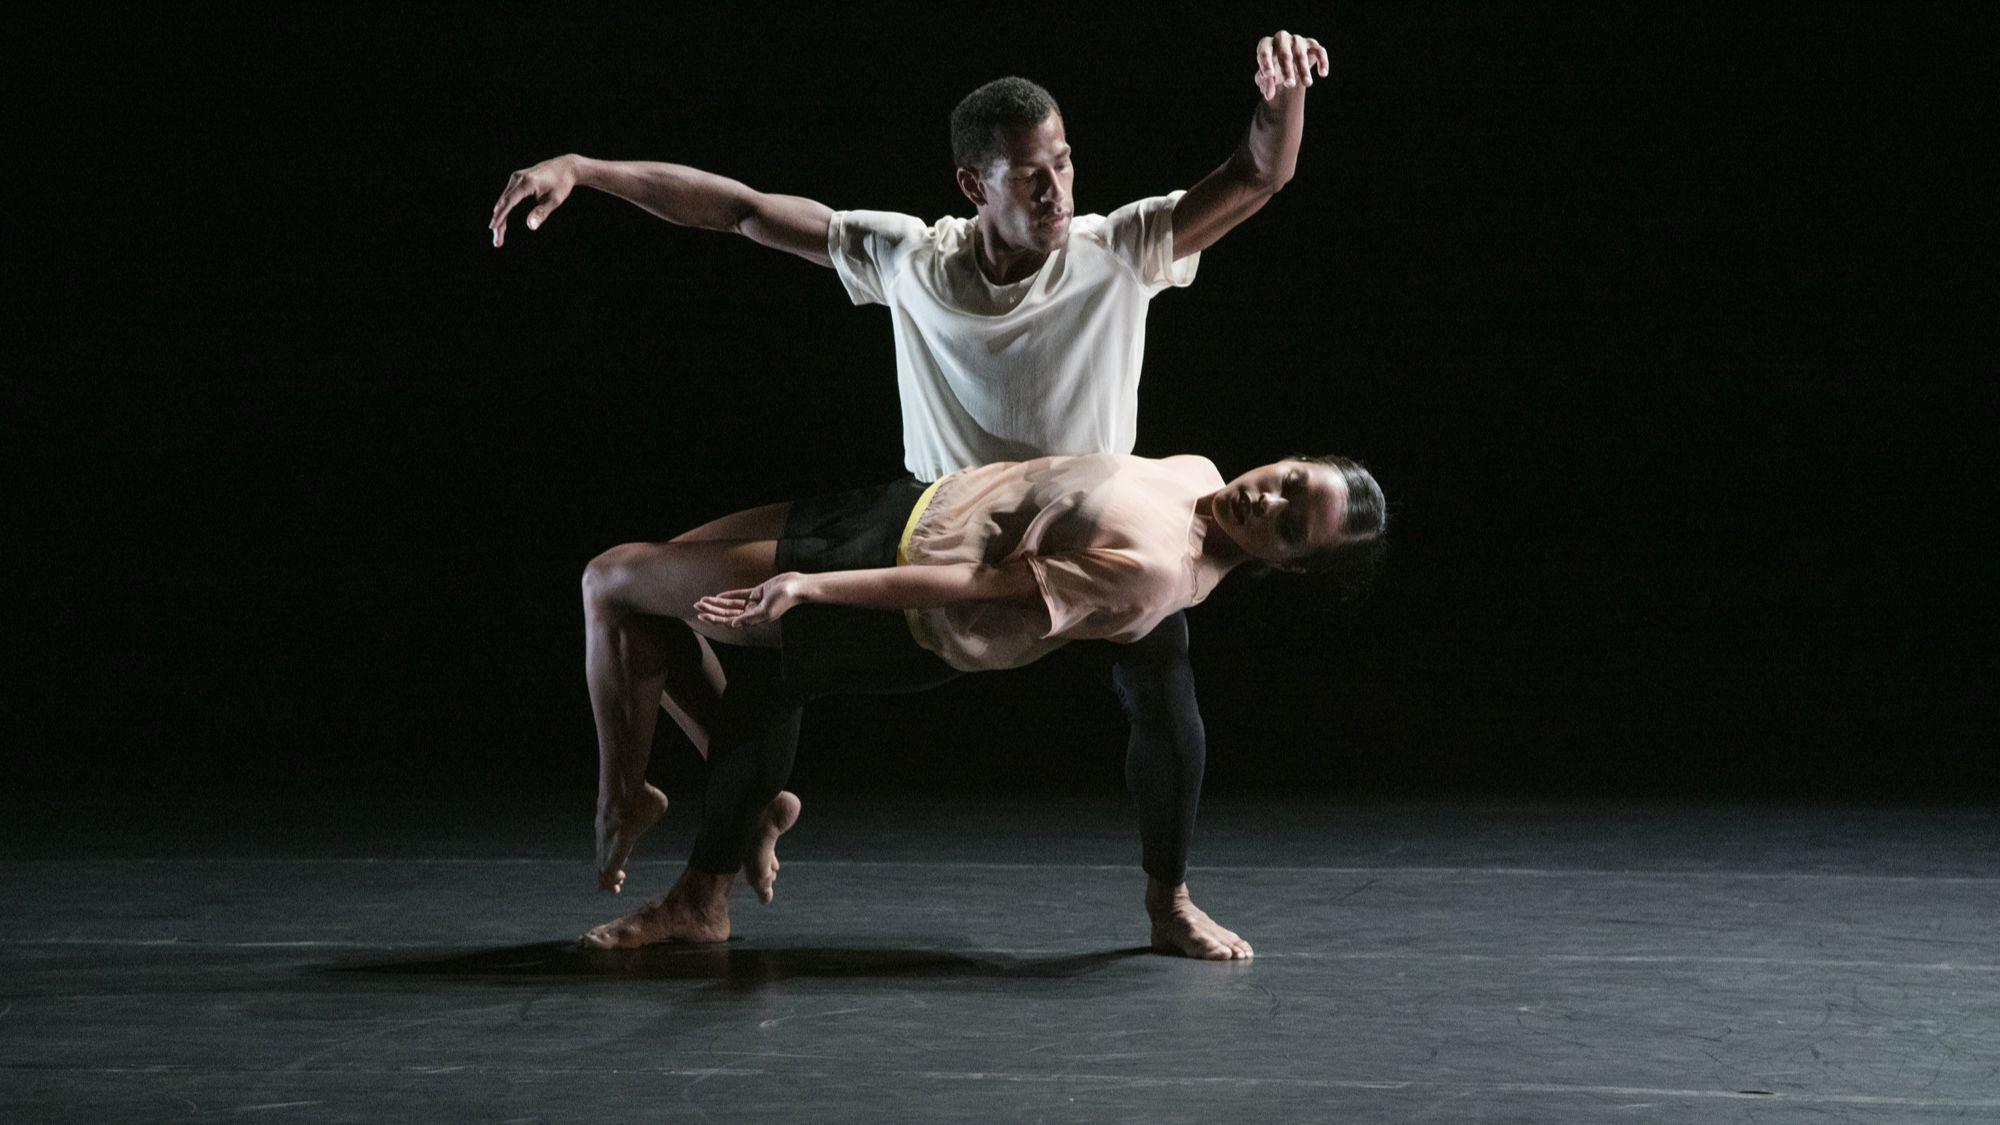 L.A. Dance Project's Graham duets